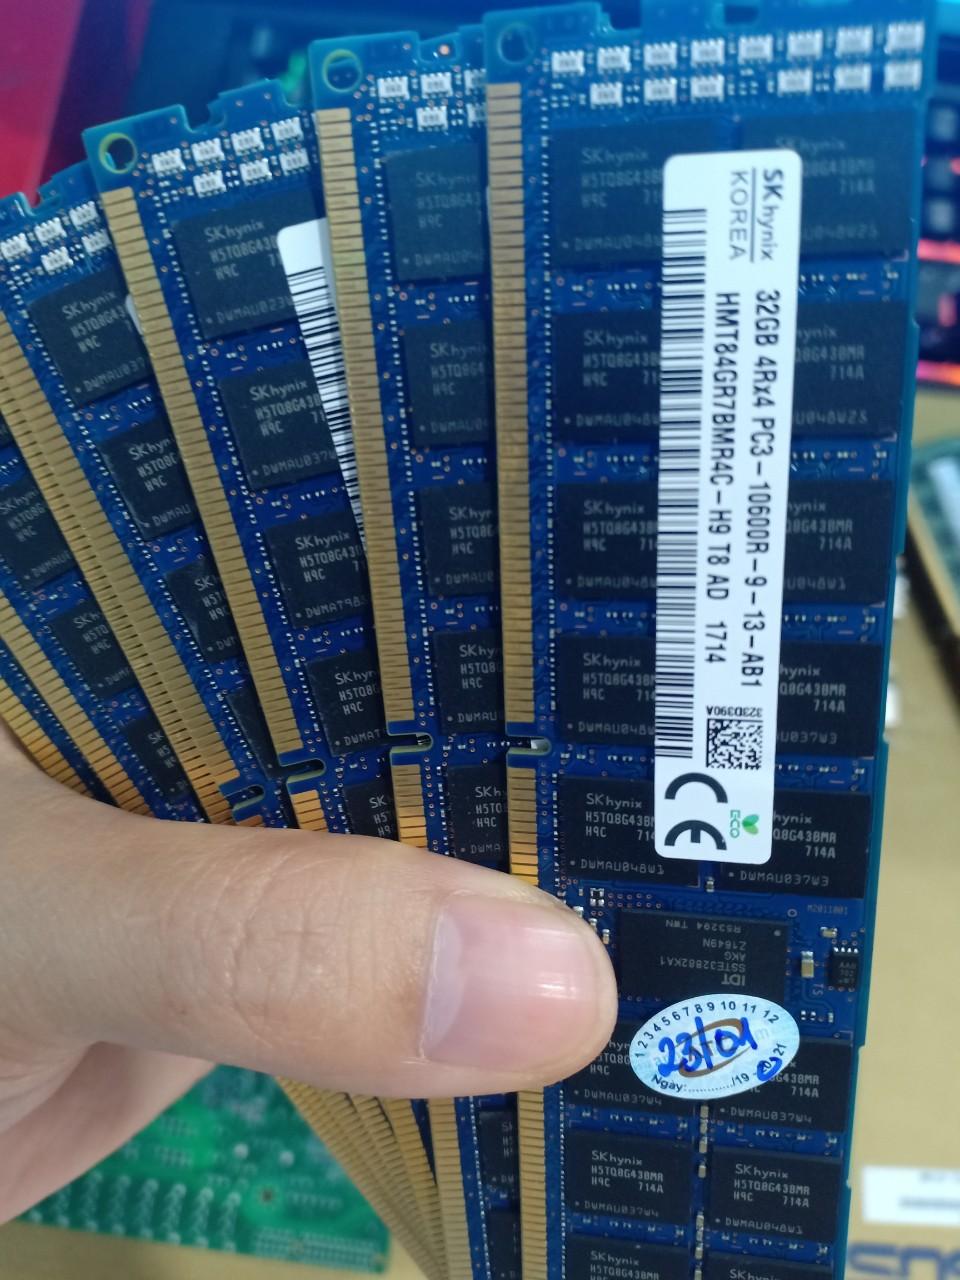 5 P.An 707 Trần Cao Vân  Chuyên PC Xeon  I9-9900k  I7-9700  I5-9400F  I3-8100  I3-9100F  I5-6400